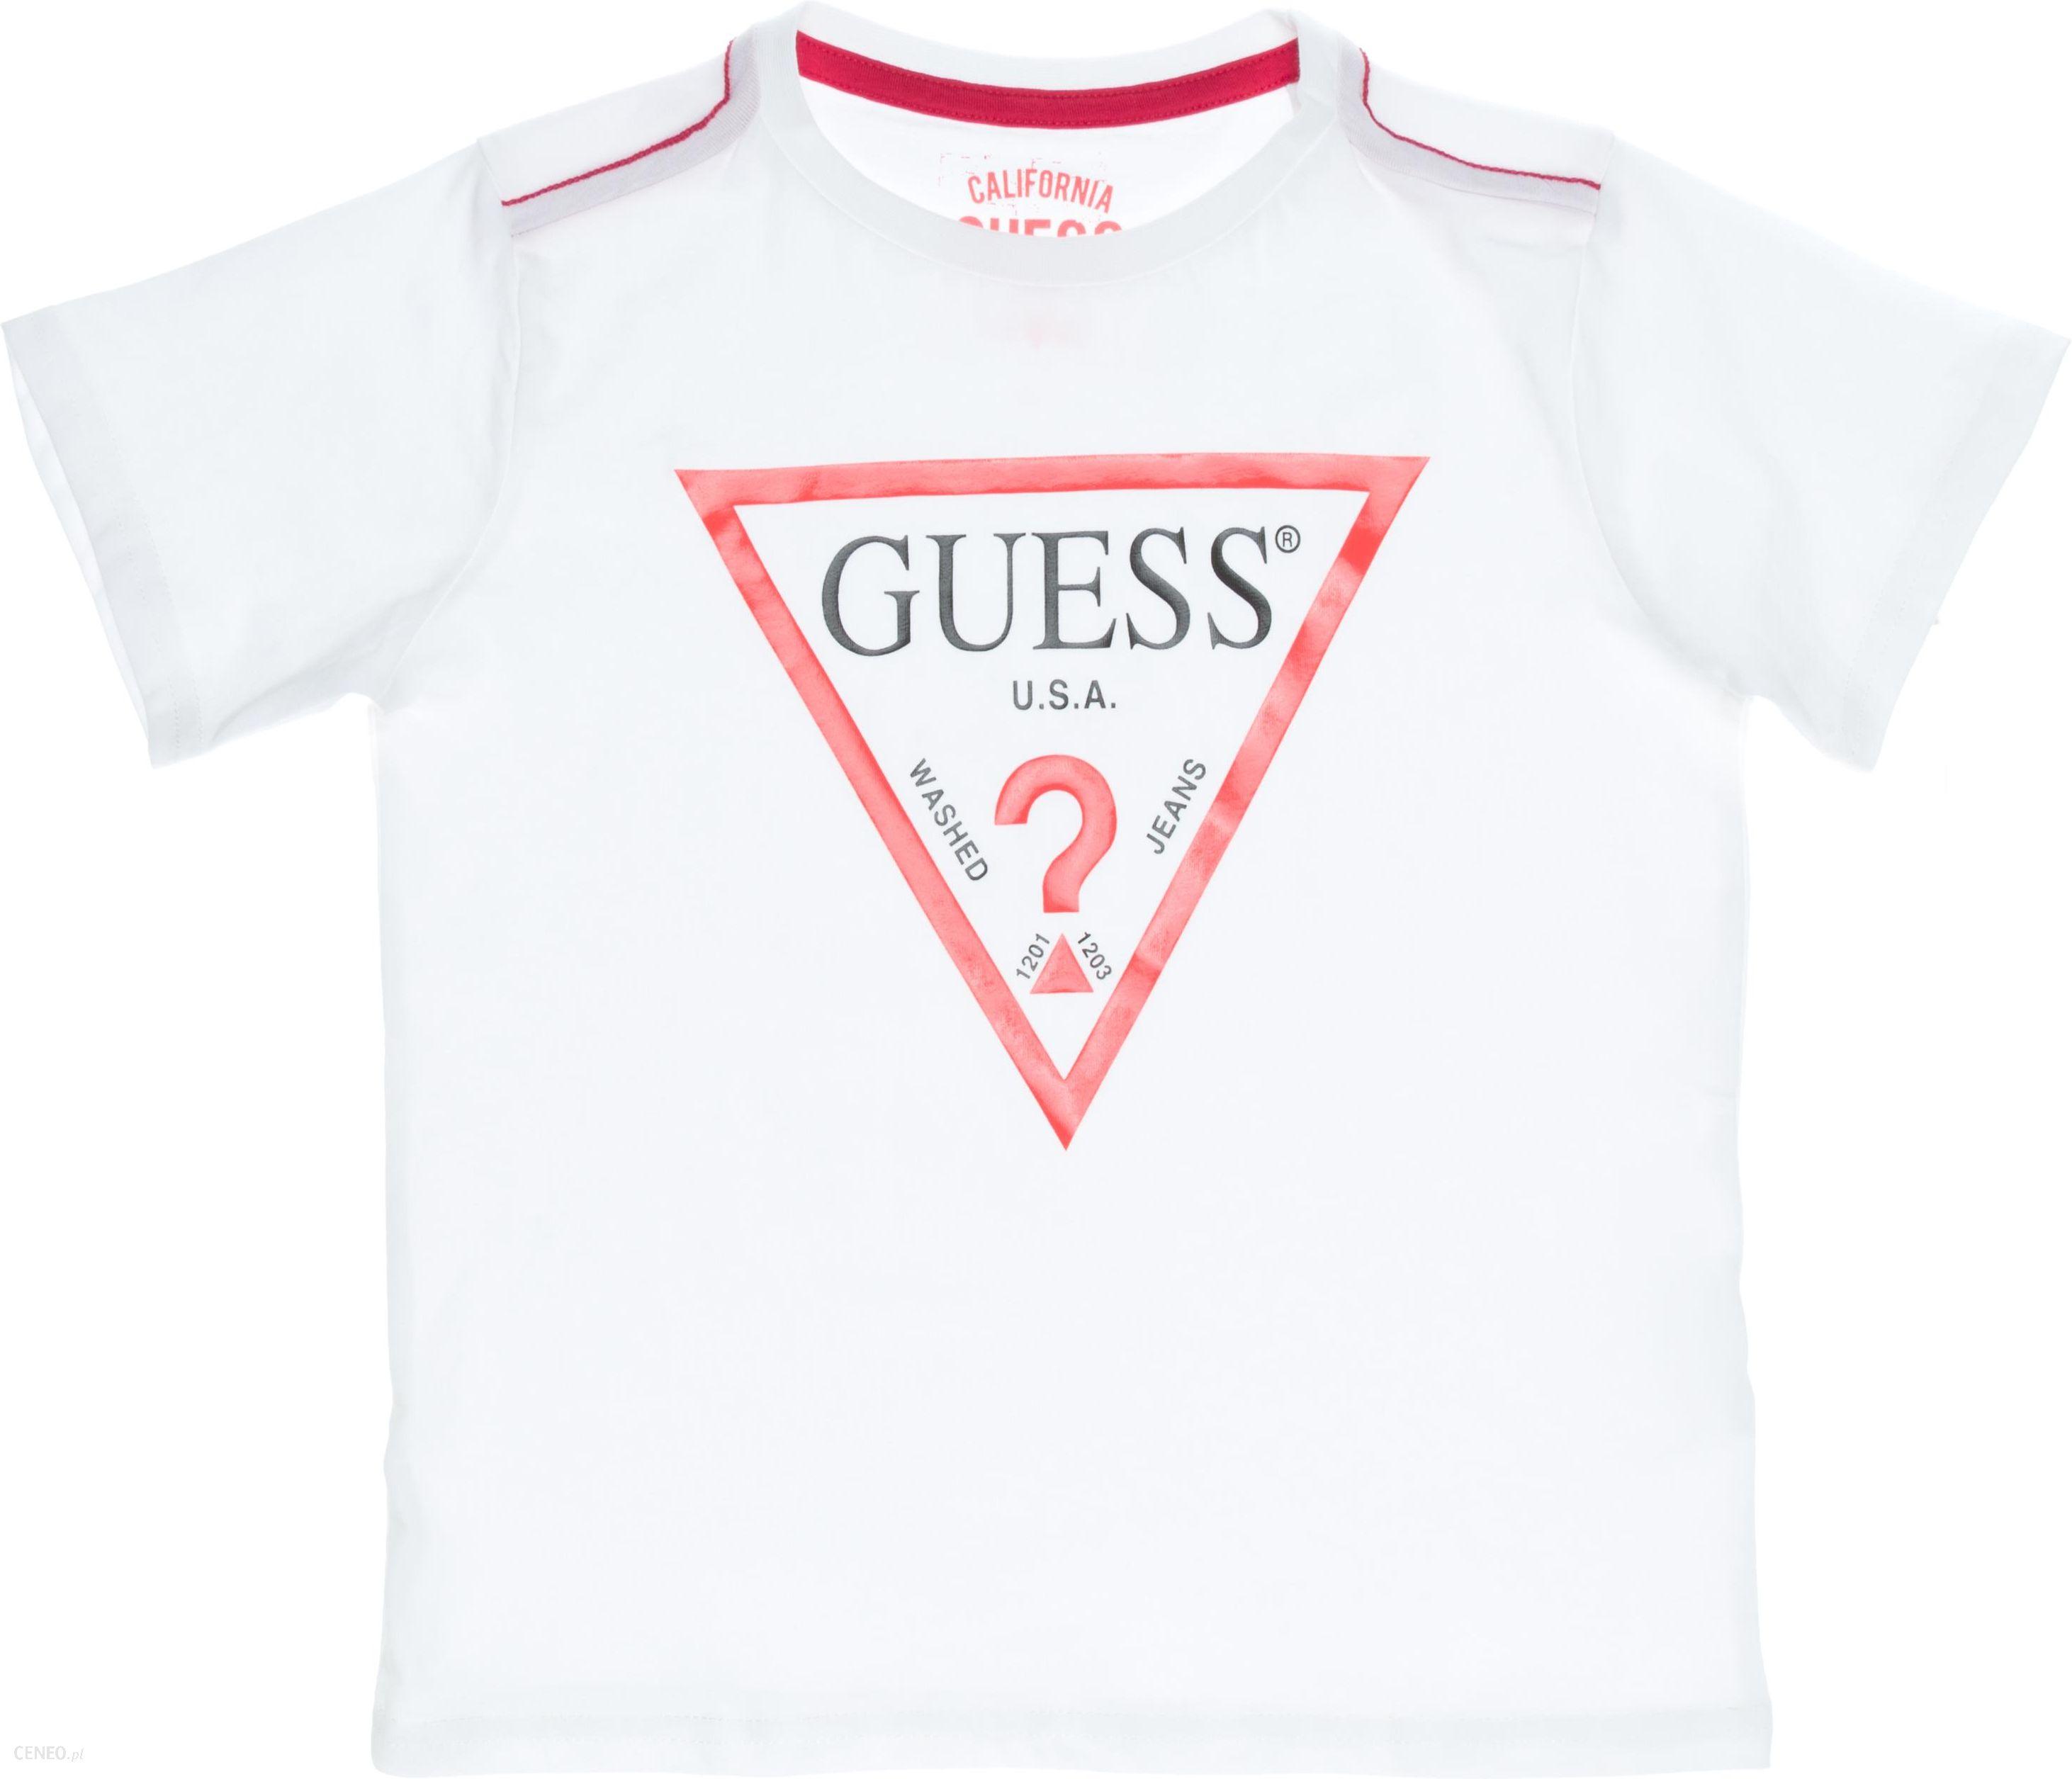 ad59288db Guess Koszulka dziecięce Biały 7 lat - Ceny i opinie - Ceneo.pl